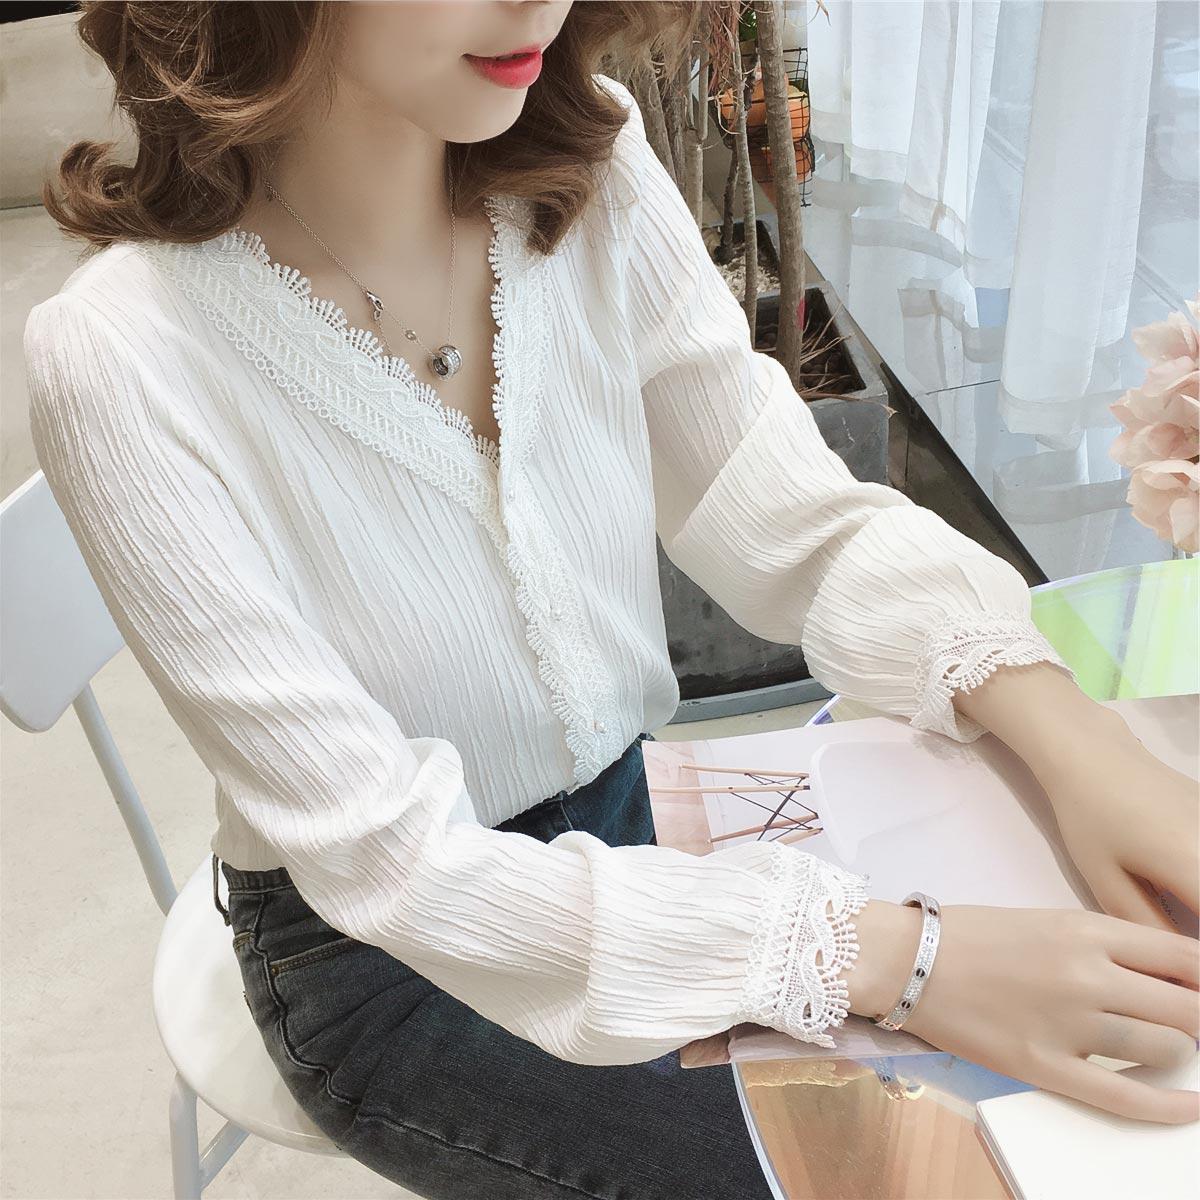 秋季女装雪纺衫长袖V领学生T恤很仙的上衣超仙白色蕾丝边洋气小衫(非品牌)